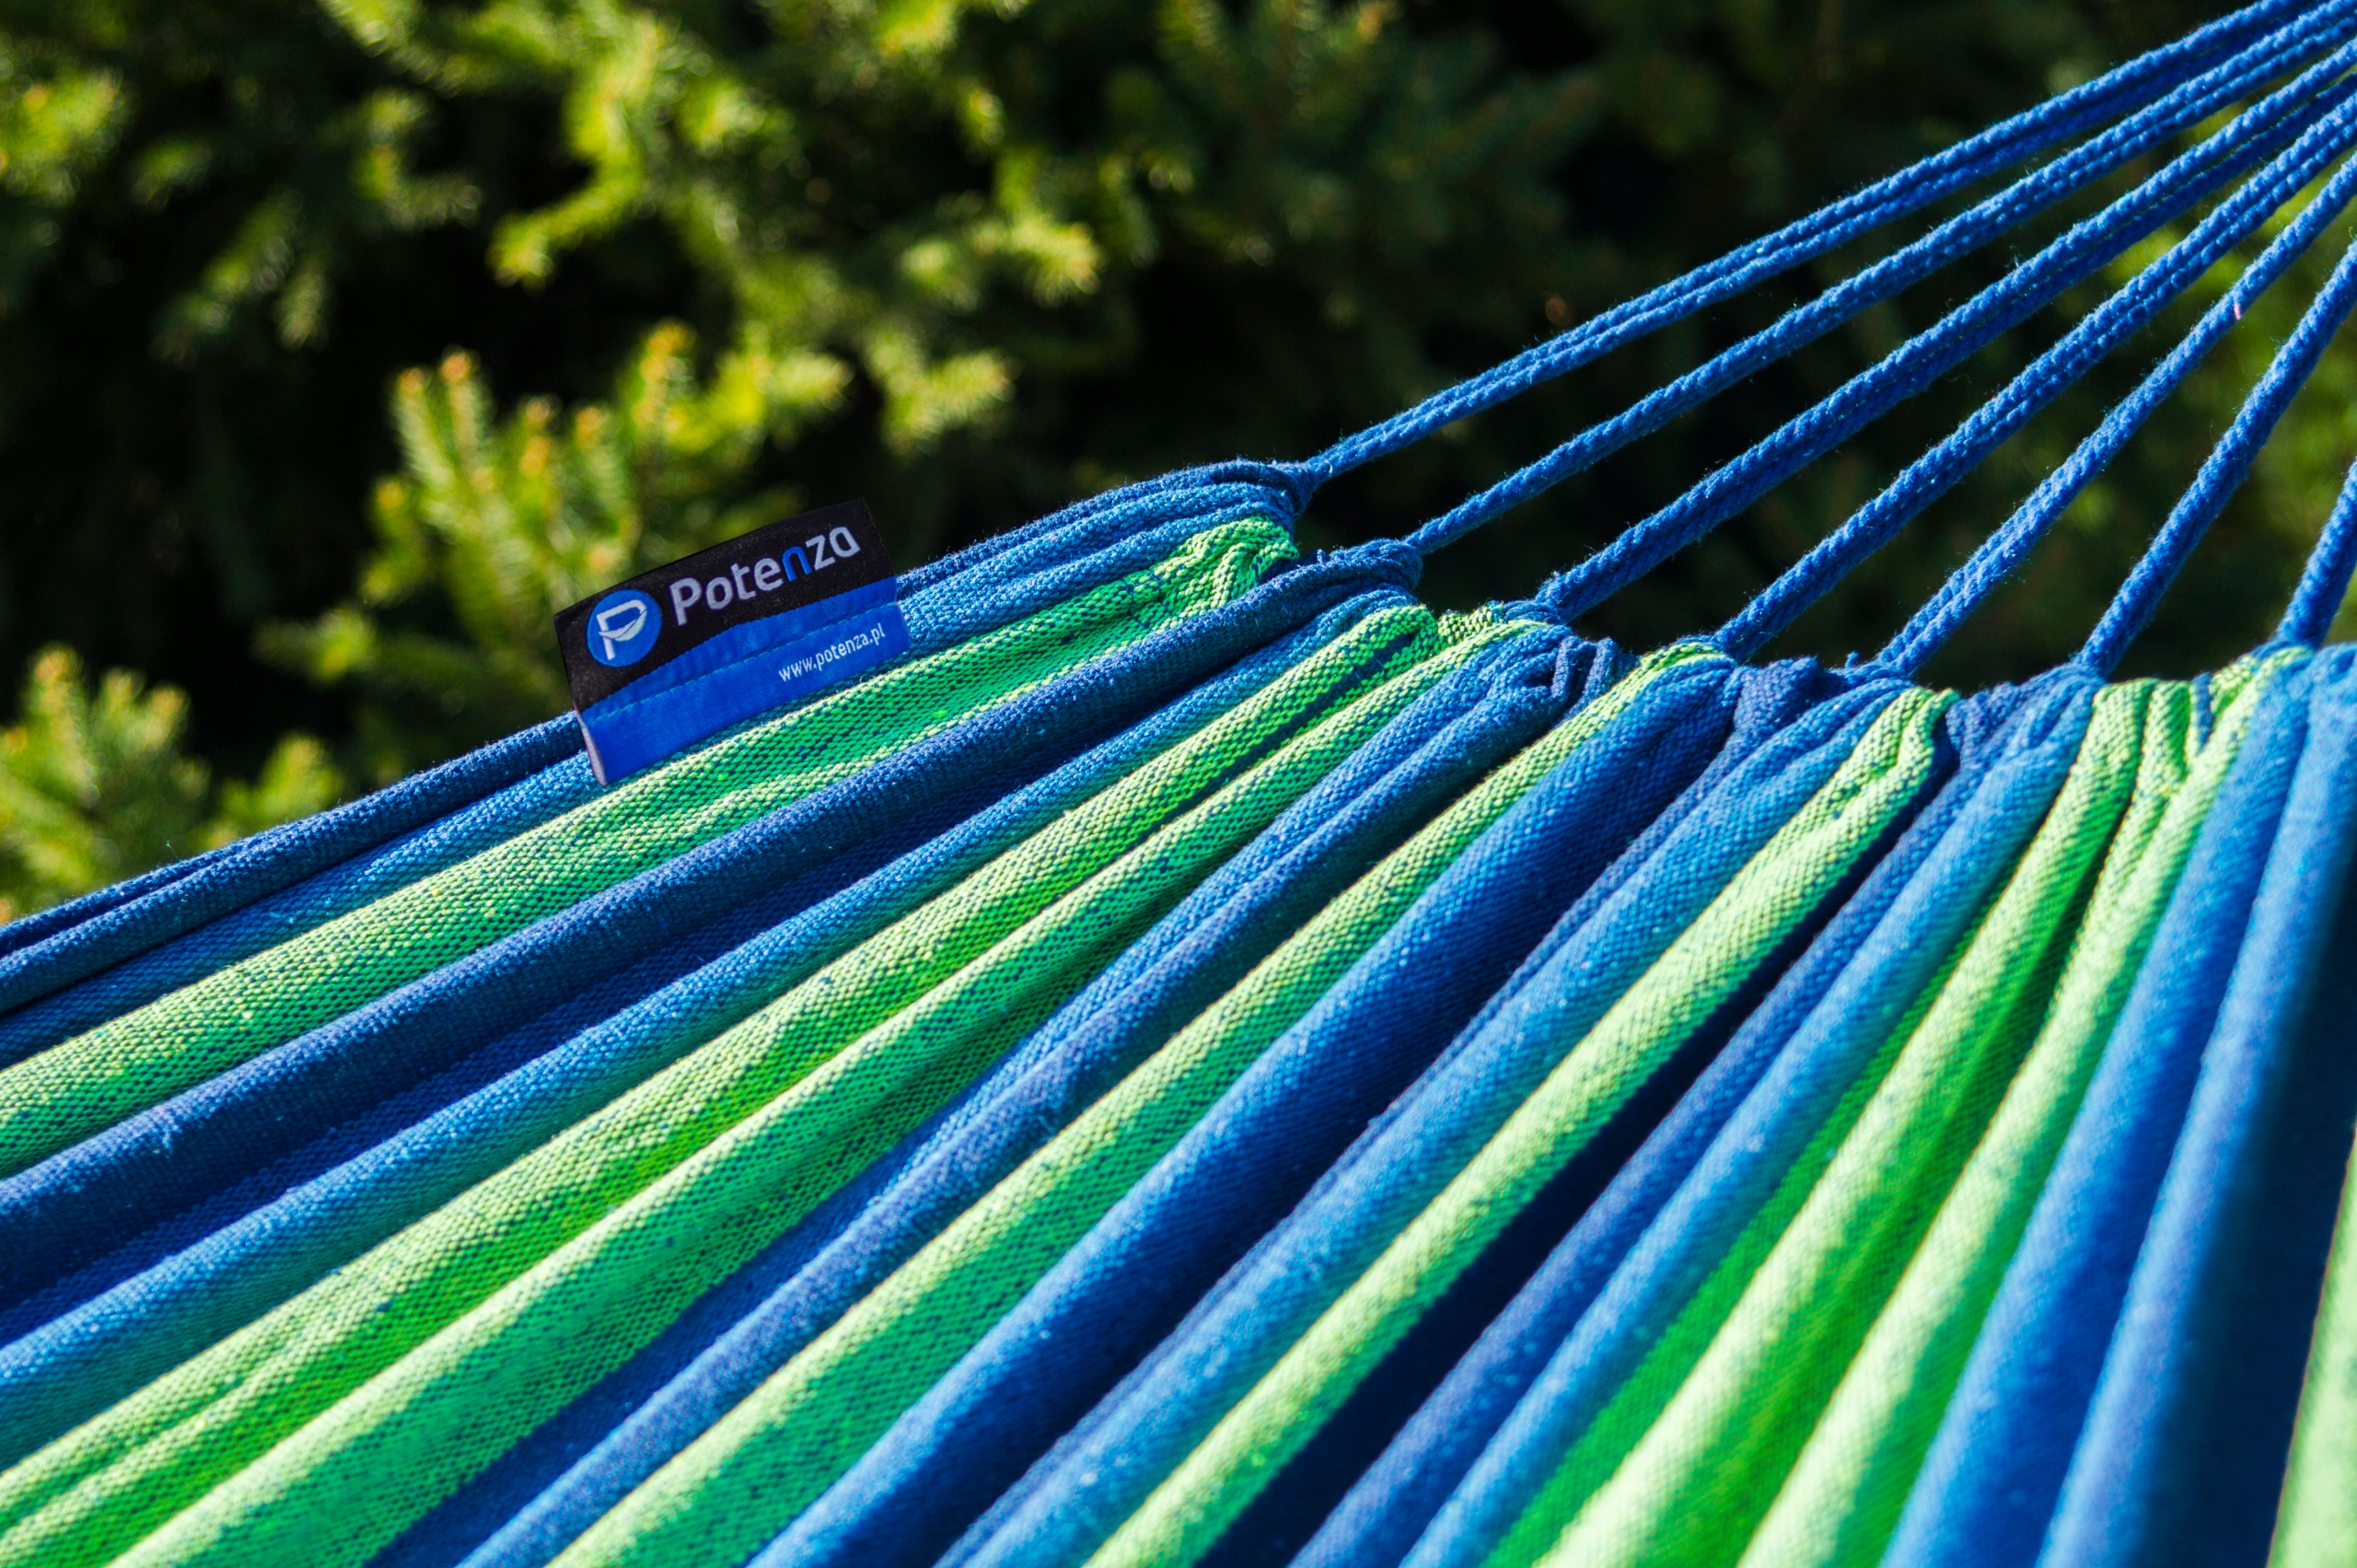 Oceľový rám POTENZA 220 kg + hojdacia sieť 220x160 POĽSKO Dĺžka (dlhšia strana) 350 cm